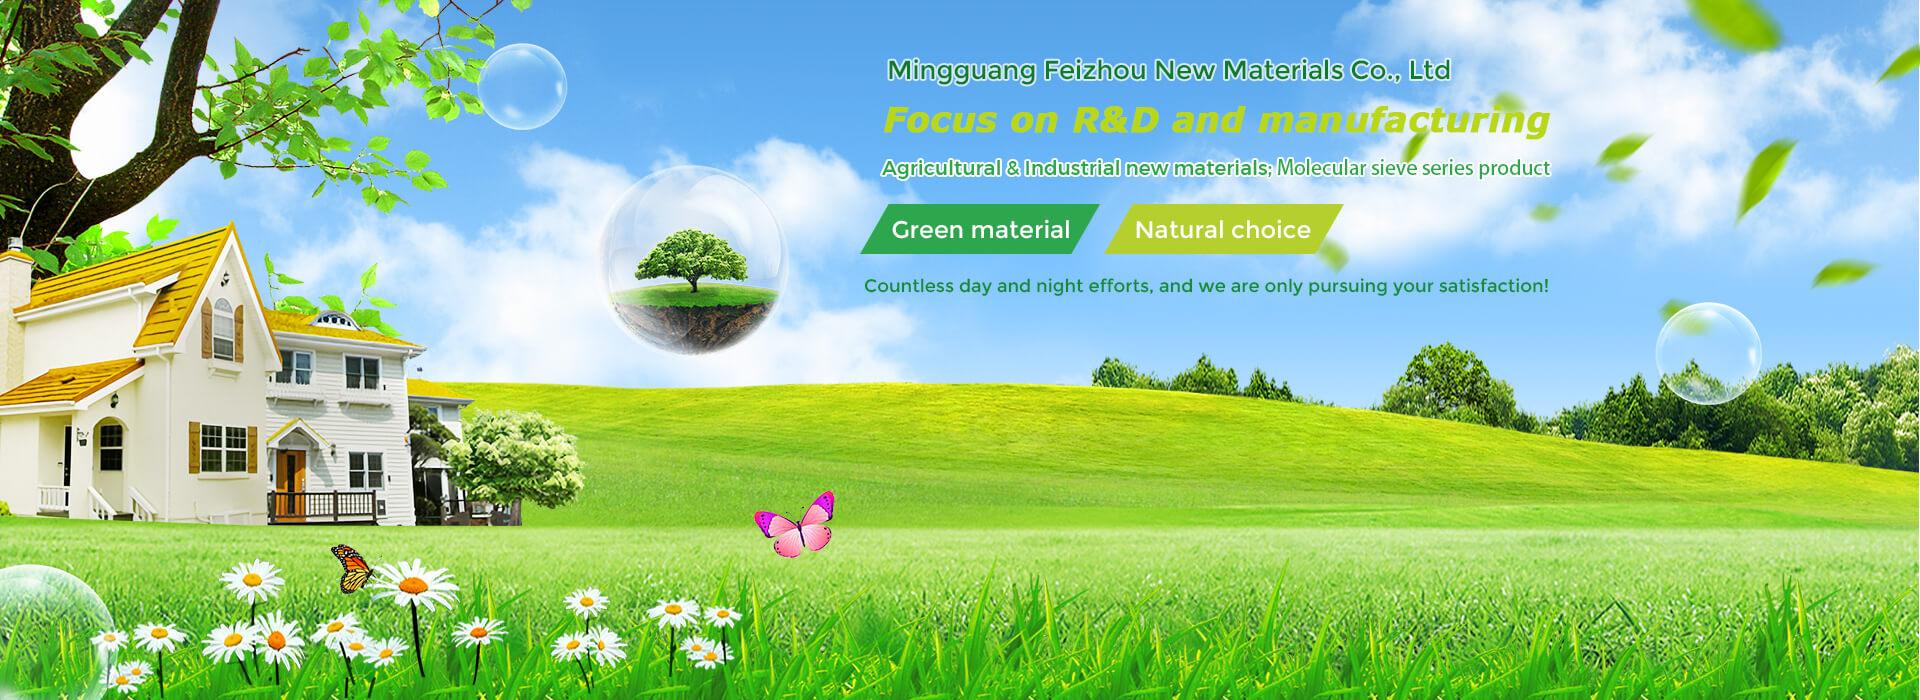 Mingguang Feizhou new materials Co., Ltd.